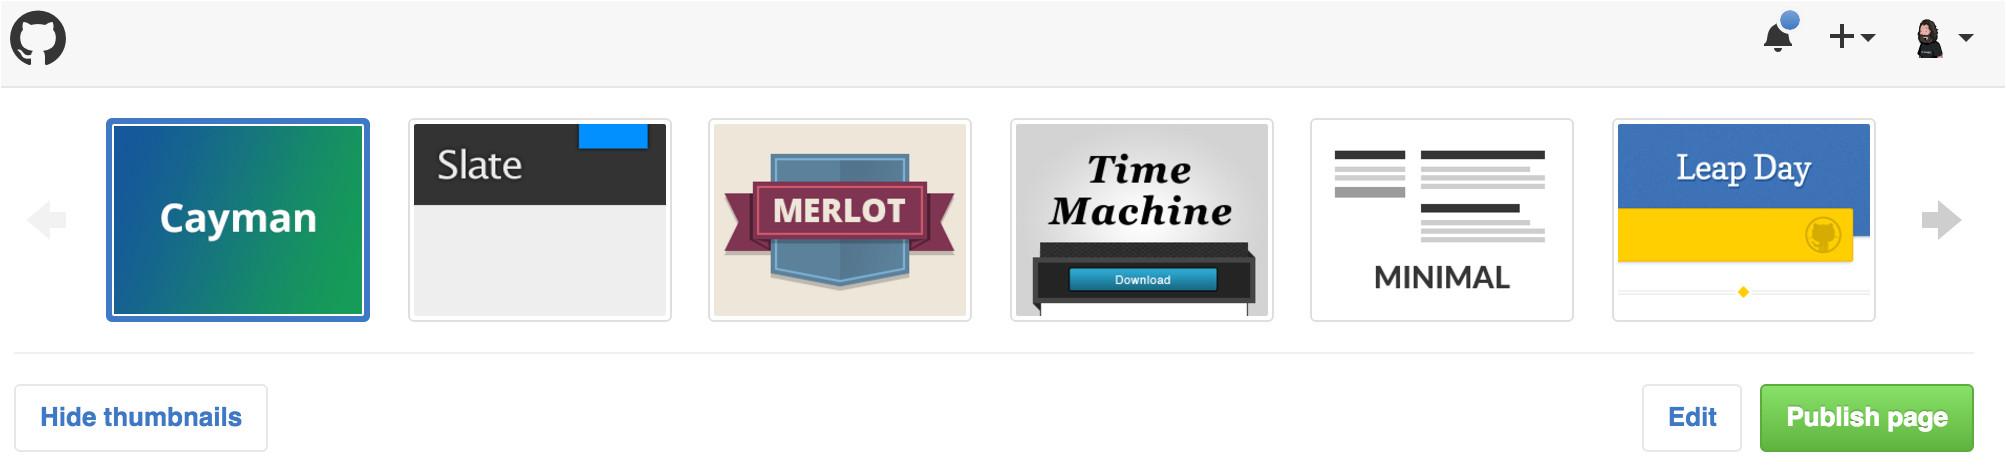 Github Pages Templates Github Pages Templates Choice Image Template Design Ideas